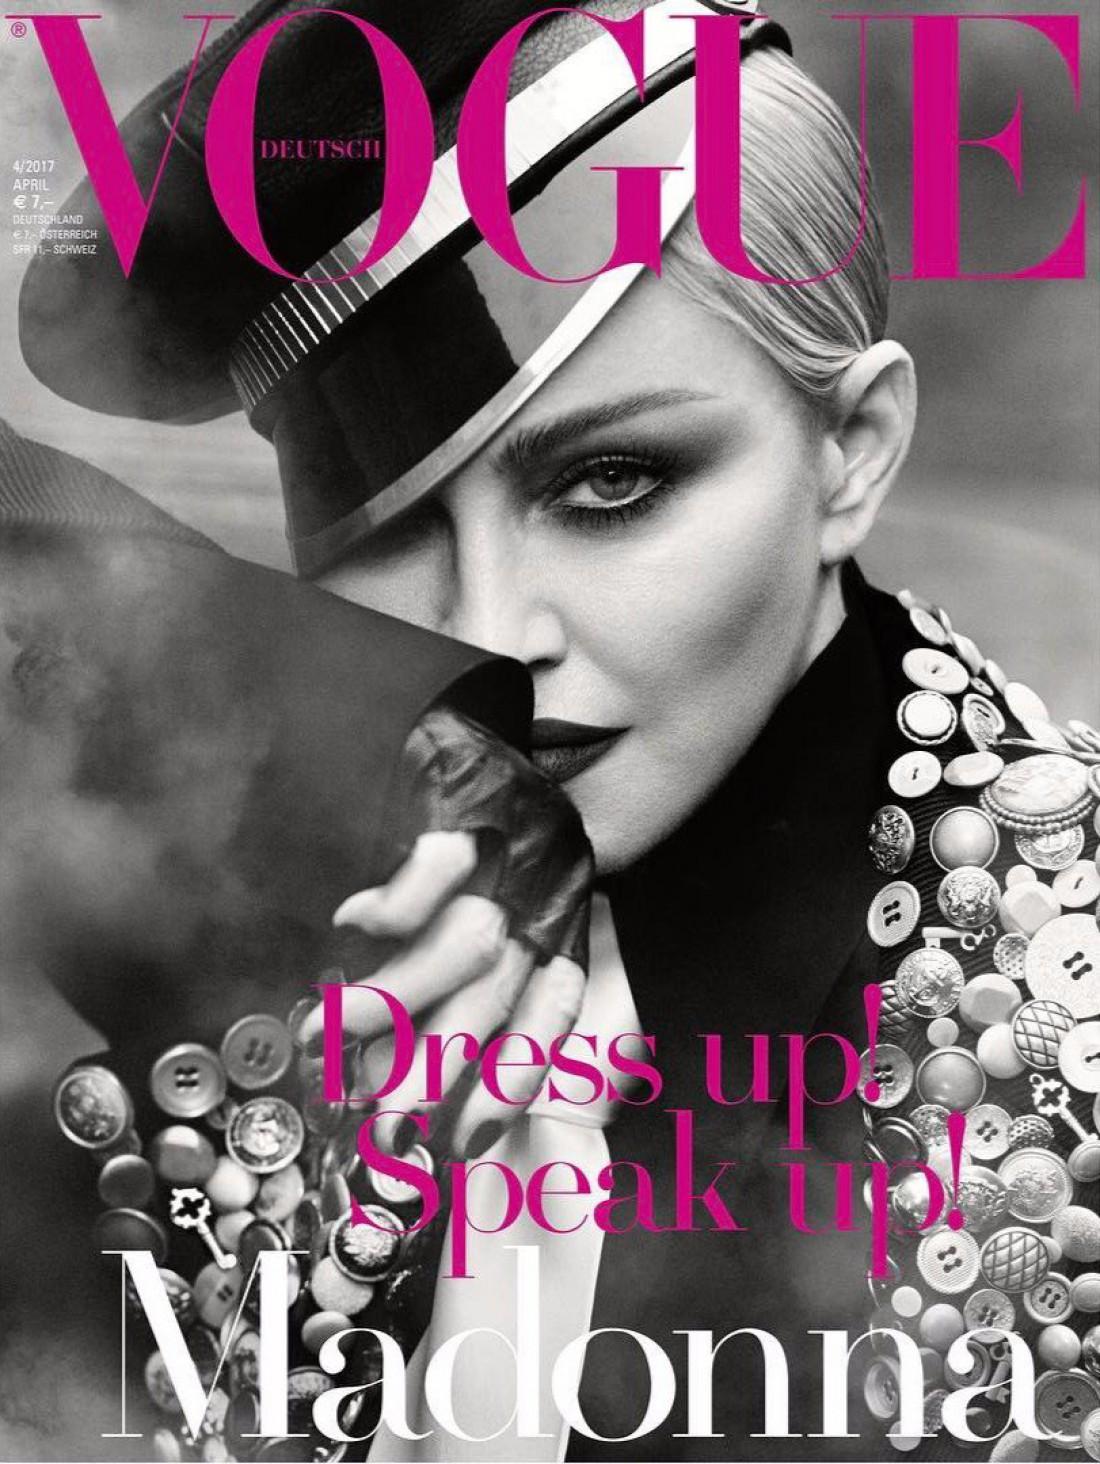 Мадонна в новом выпуске немецкого Vogue